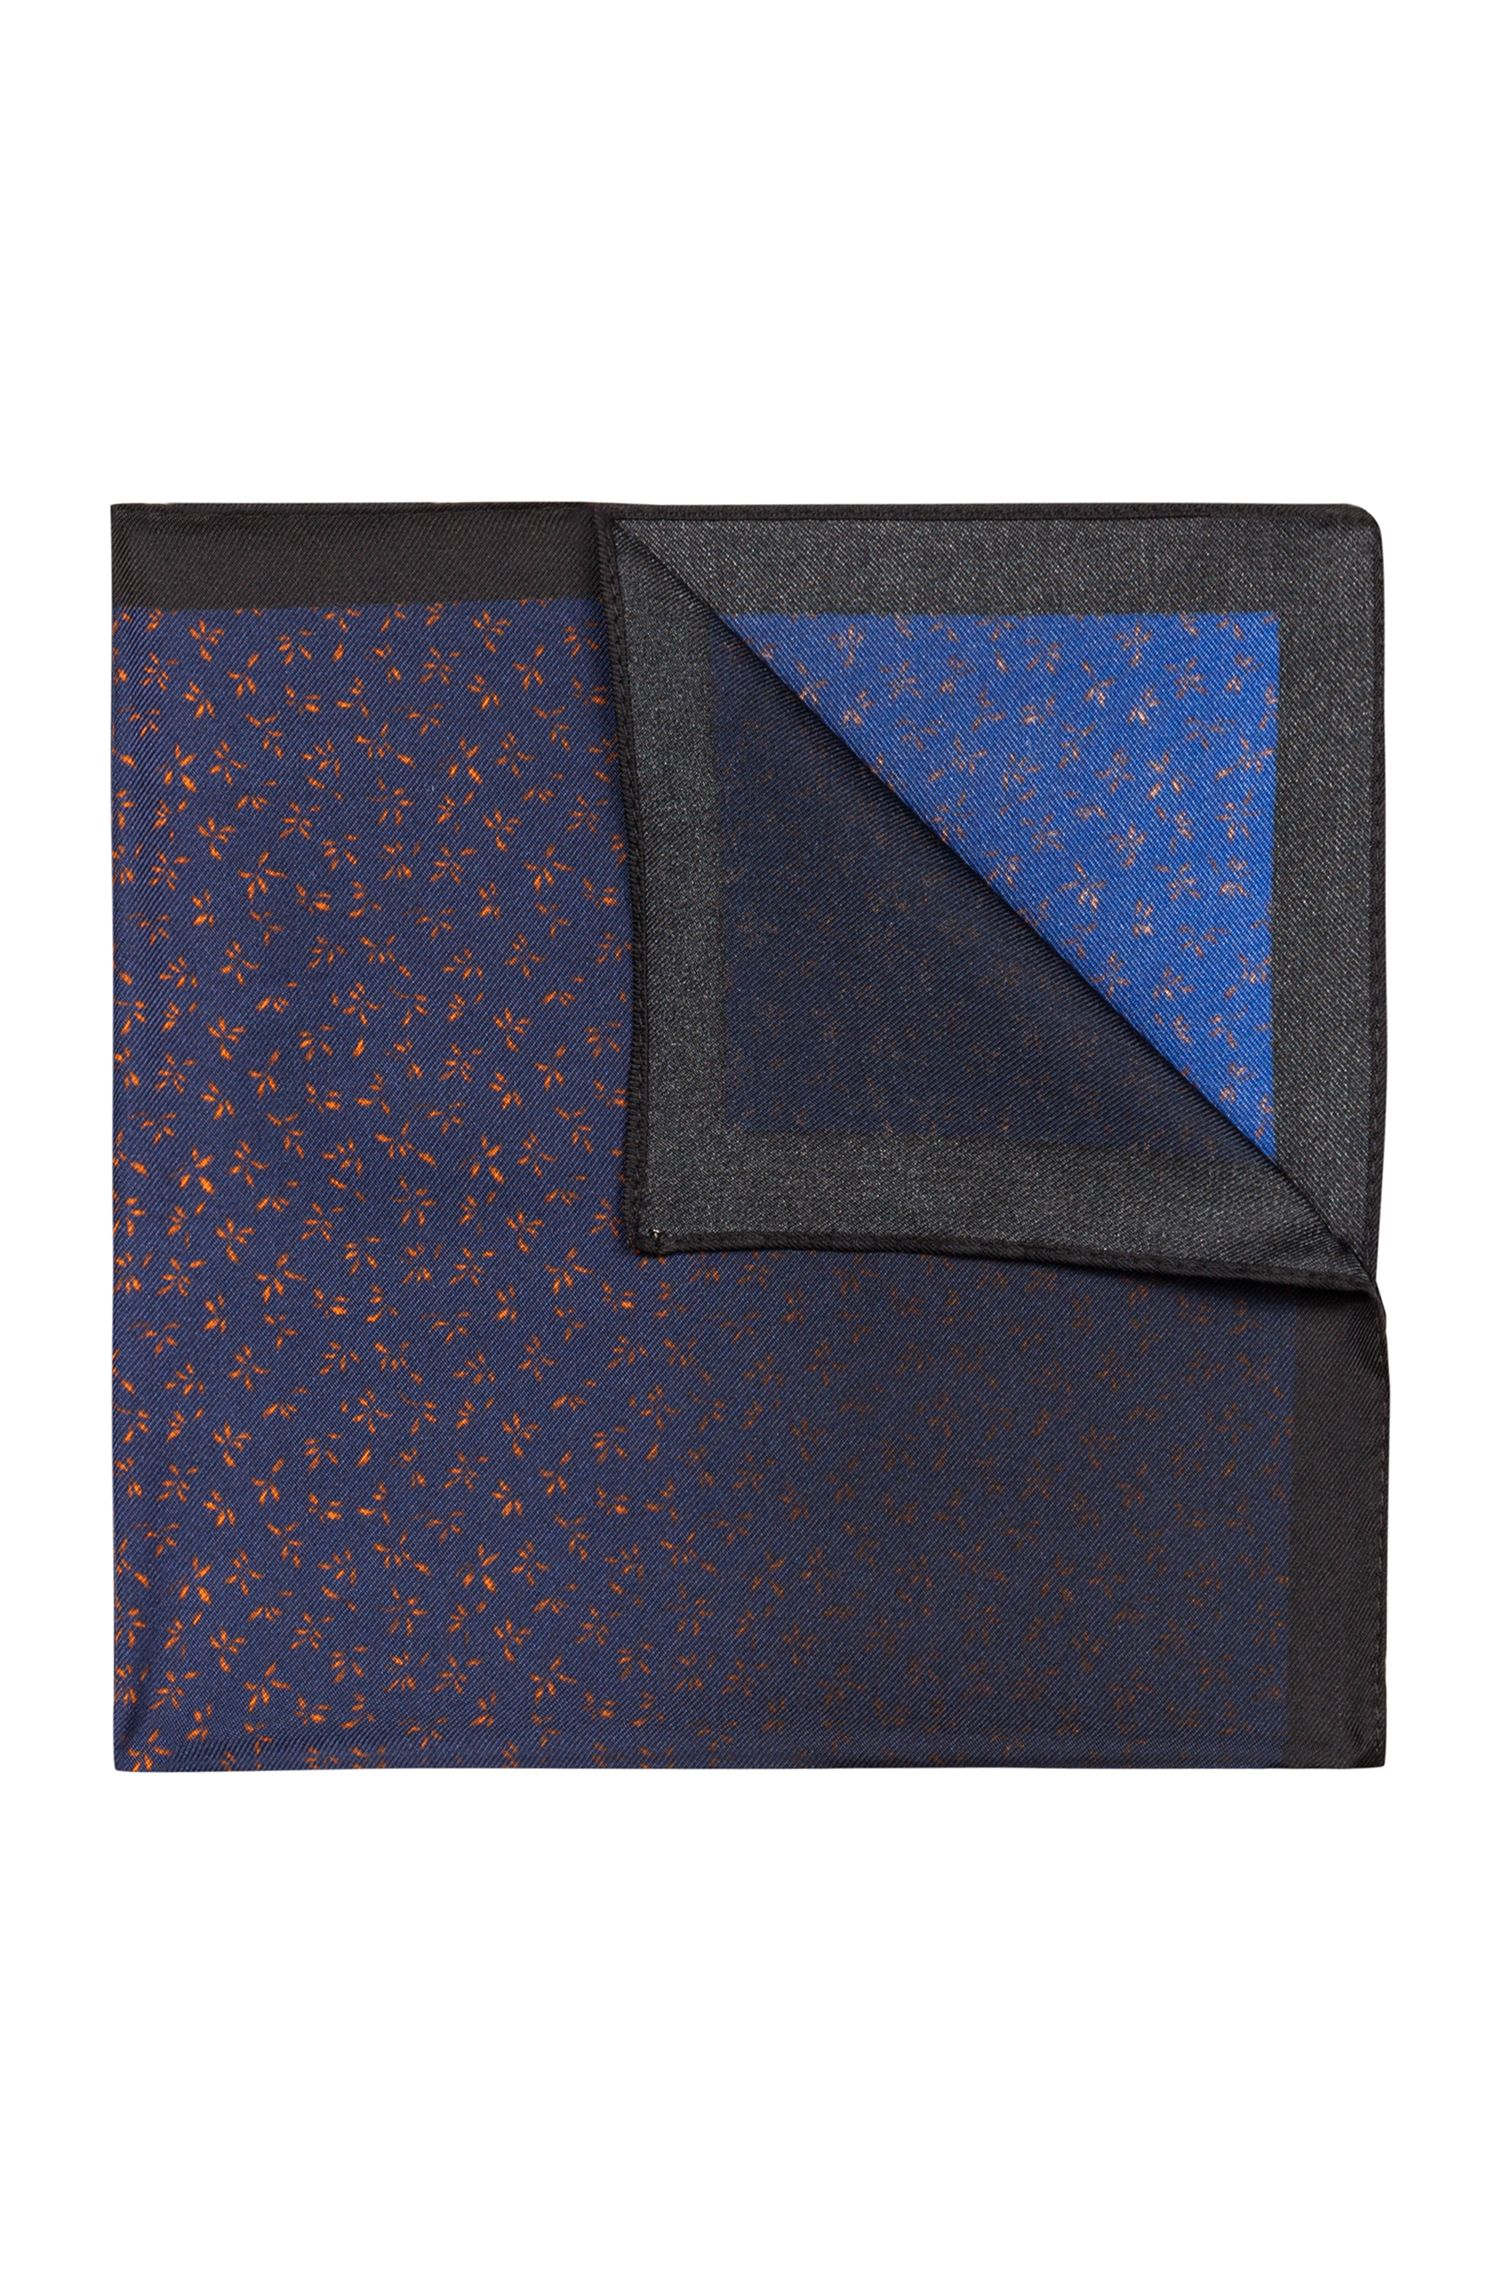 Pochette da taschino in twill di seta stampata, A disegni